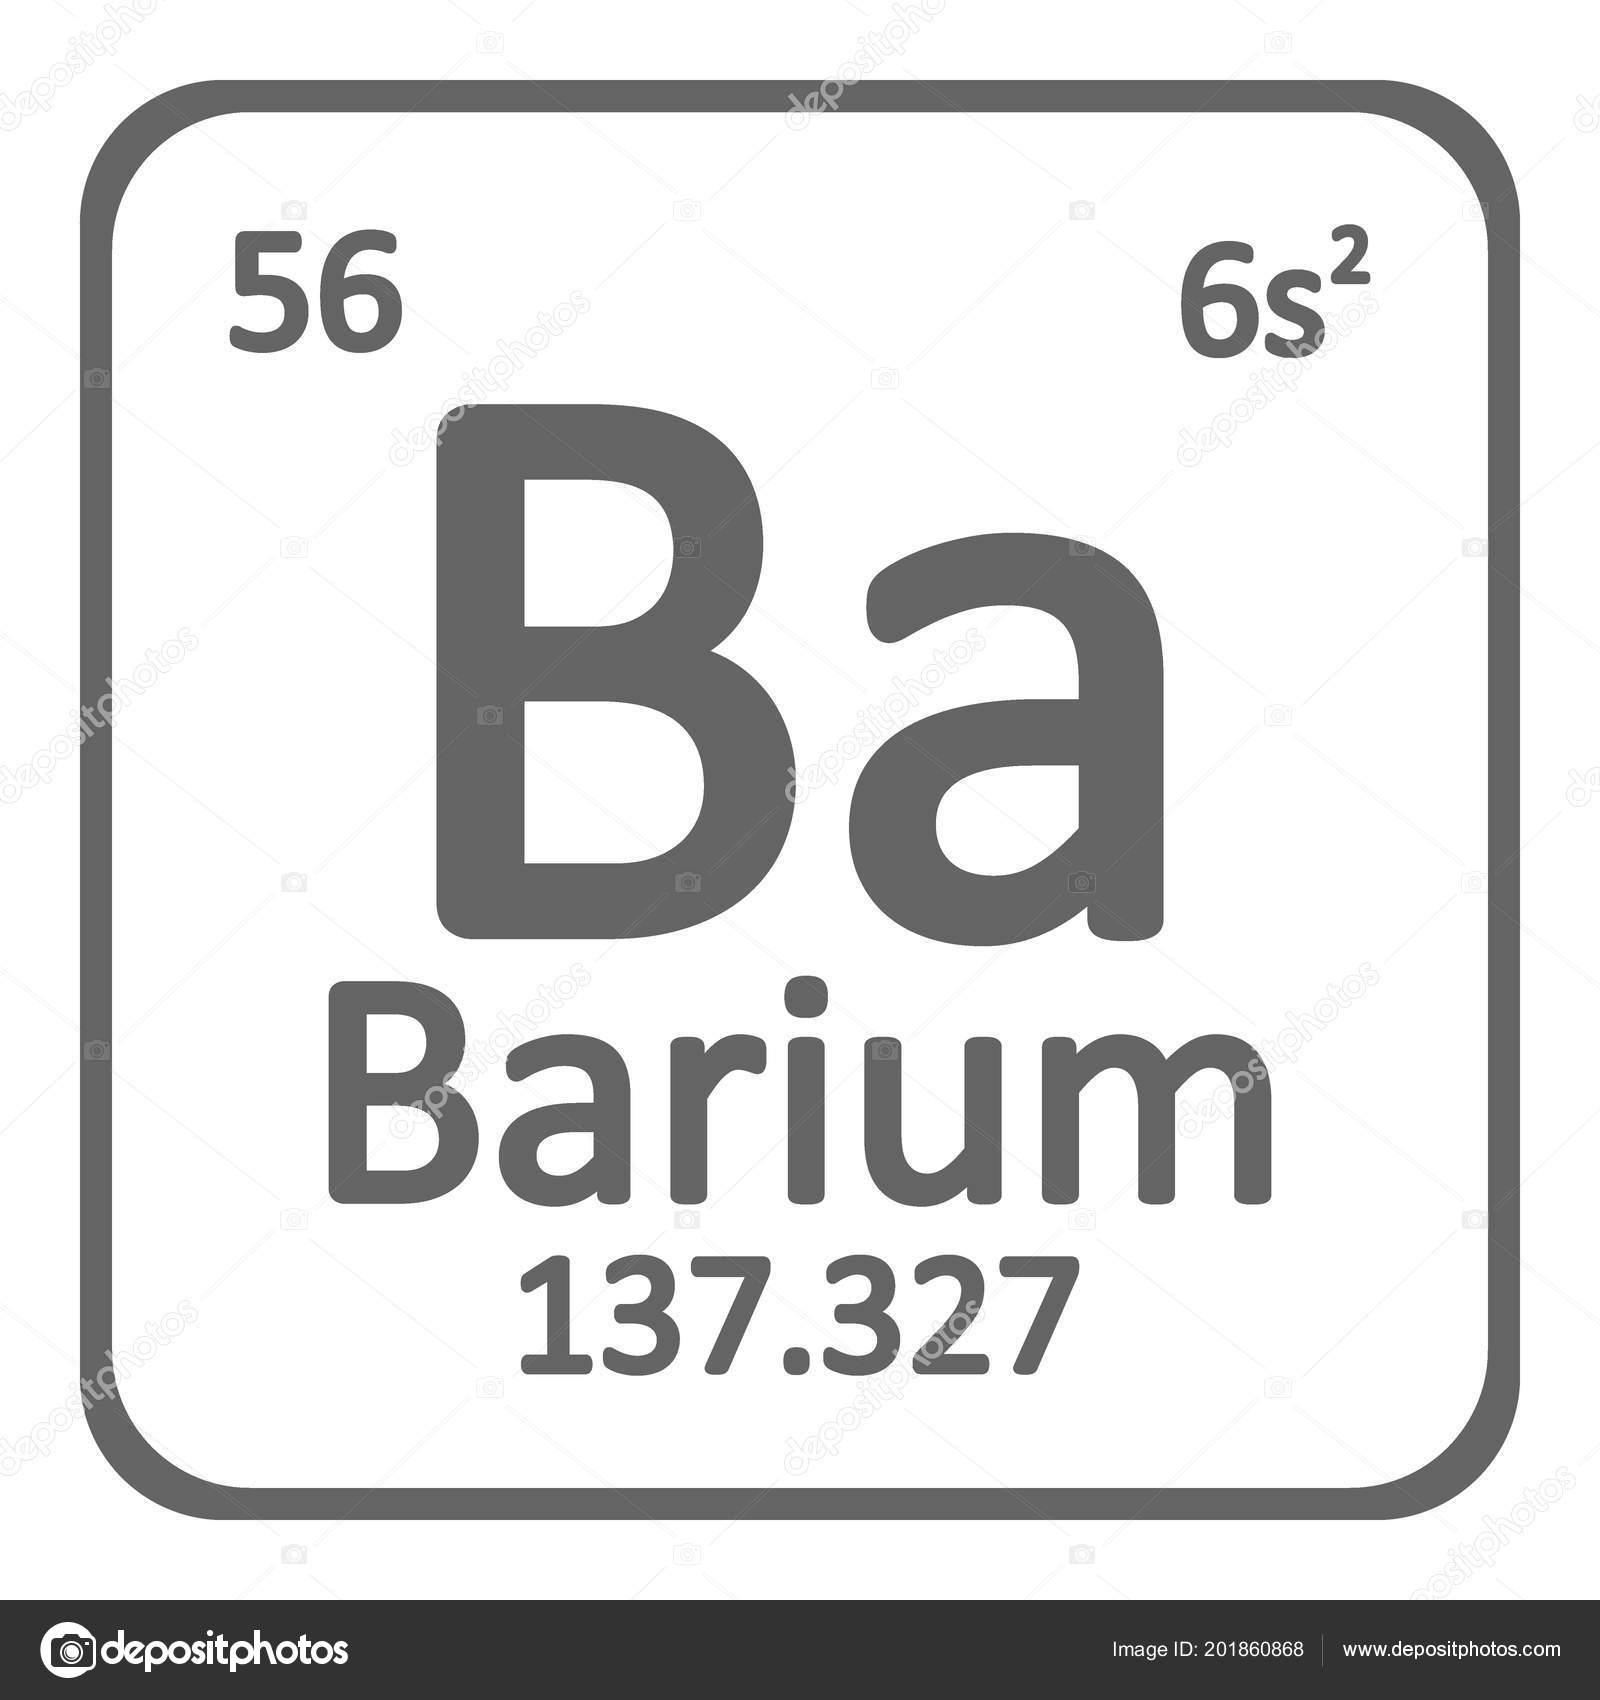 tabla periodica elemento bario icono sobre fondo blanco ilustracin vector archivo imgenes vectoriales